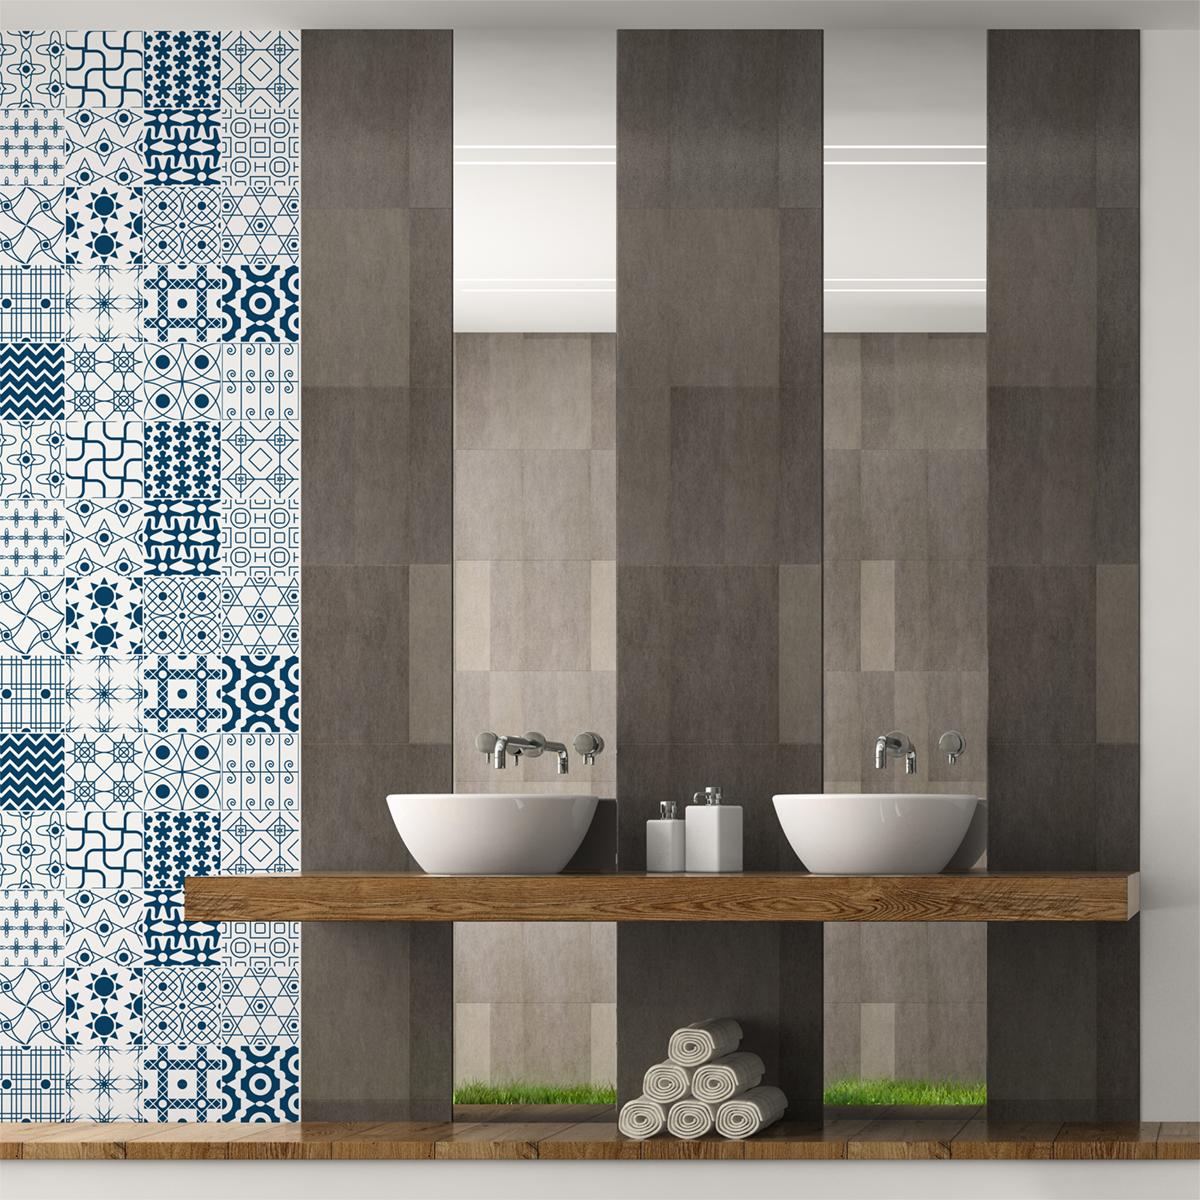 30 stickers carreaux de ciment scandinave ingred salle de bain et wc salle de bain ambiance. Black Bedroom Furniture Sets. Home Design Ideas